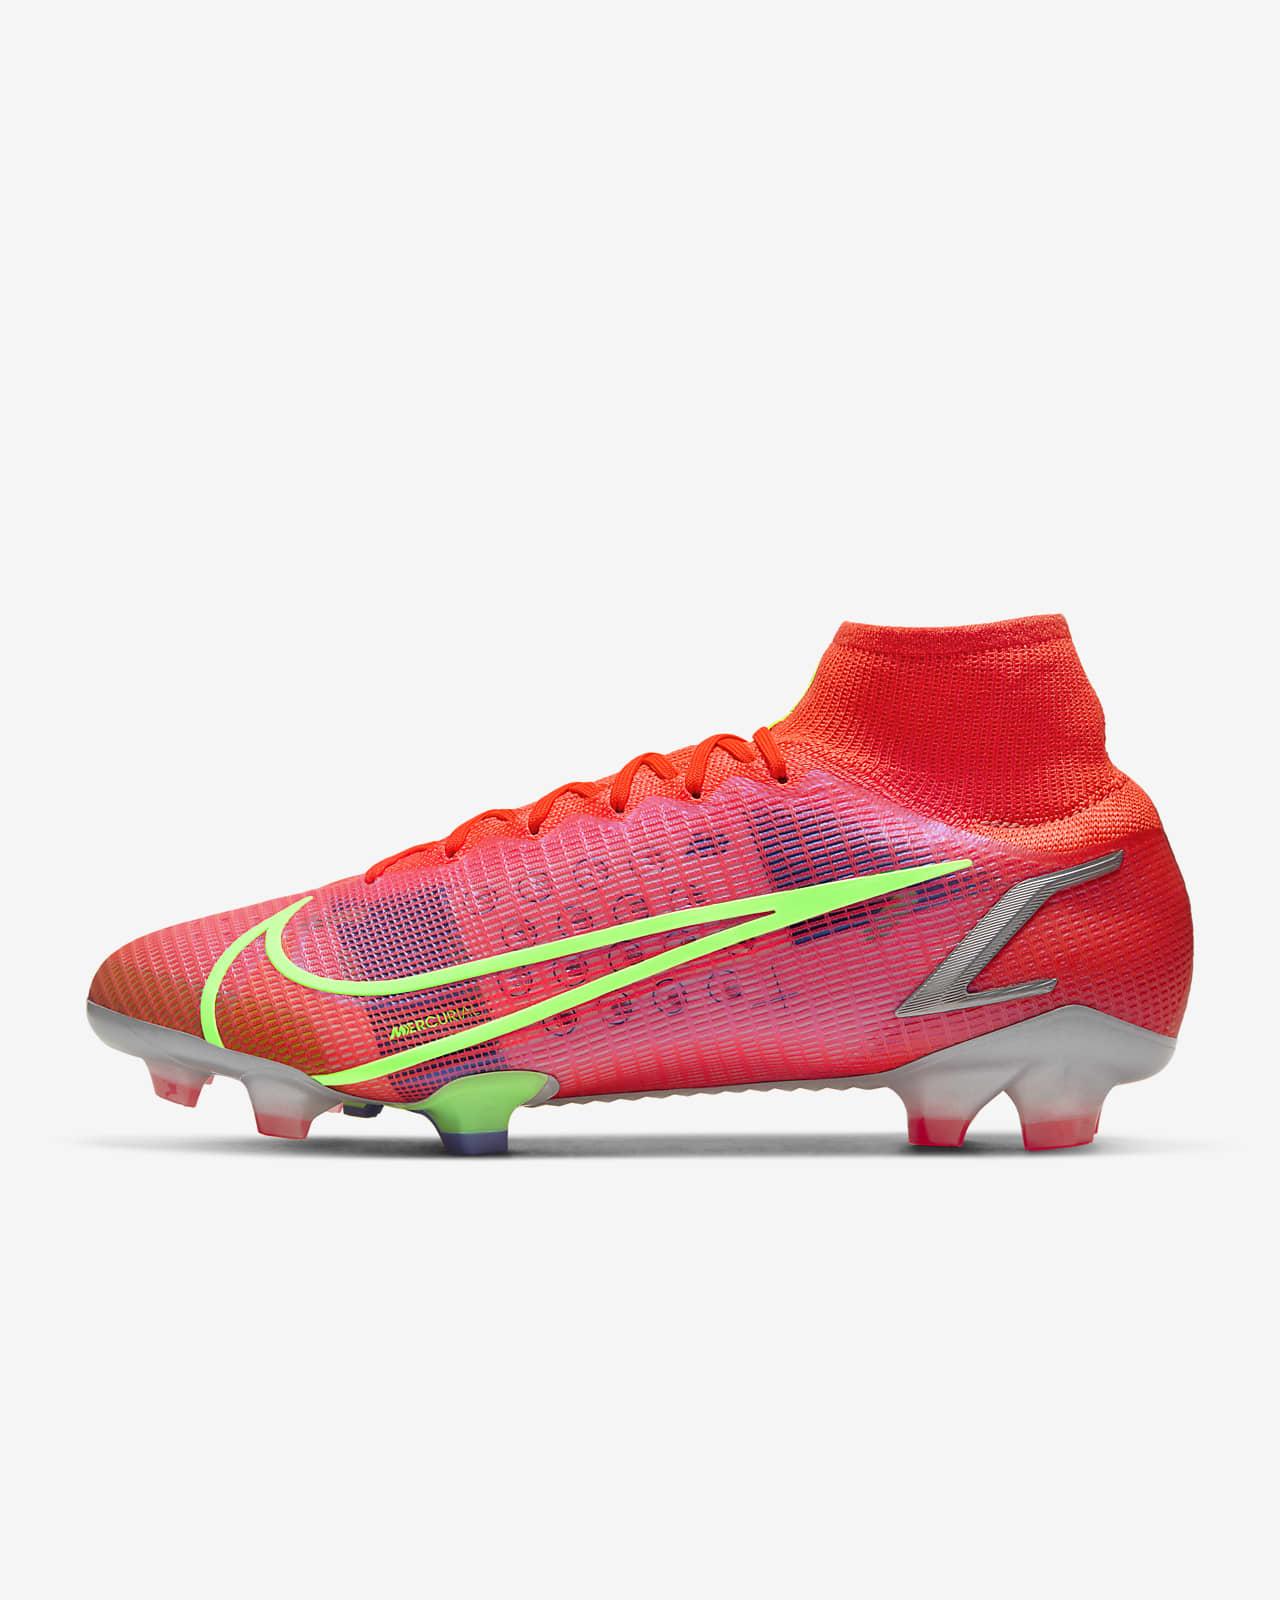 Nike Mercurial Superfly 8 Elite FG-fodboldstøvle til græs